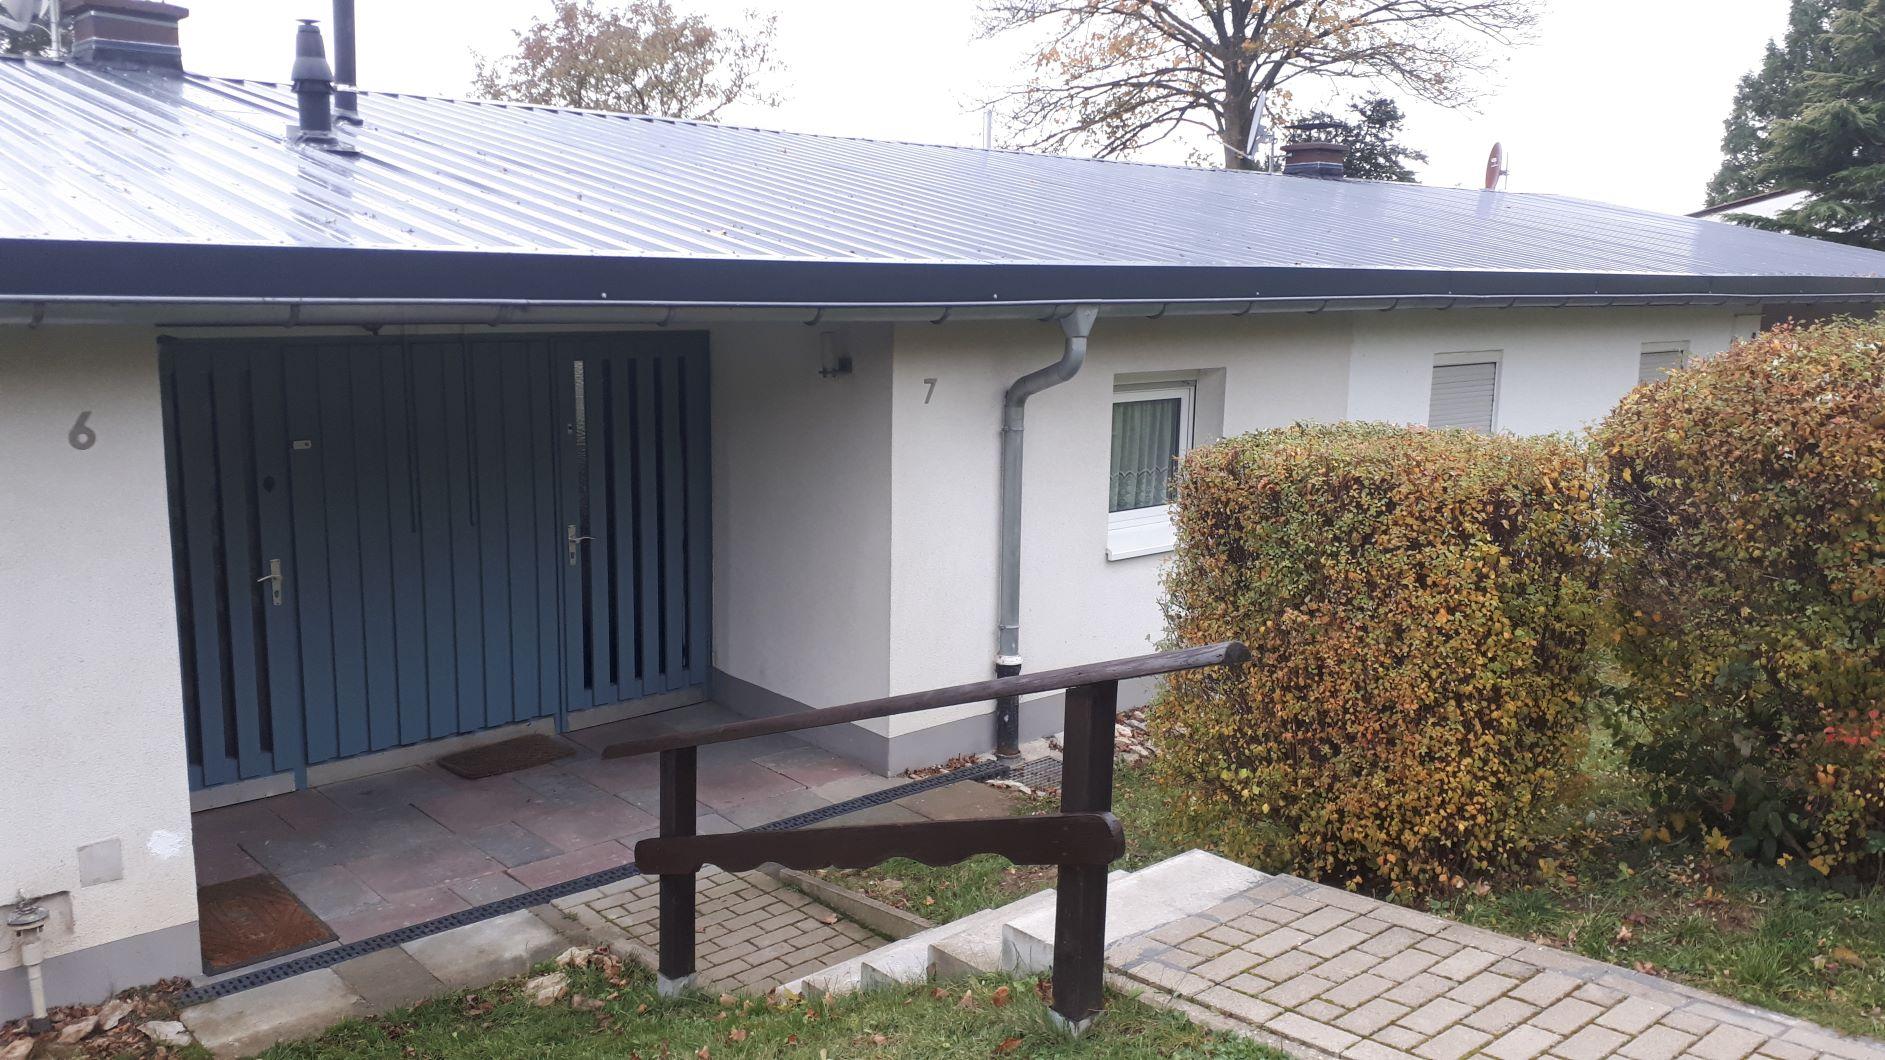 Parc de vacances Europapark C7 2-4p Husen 1